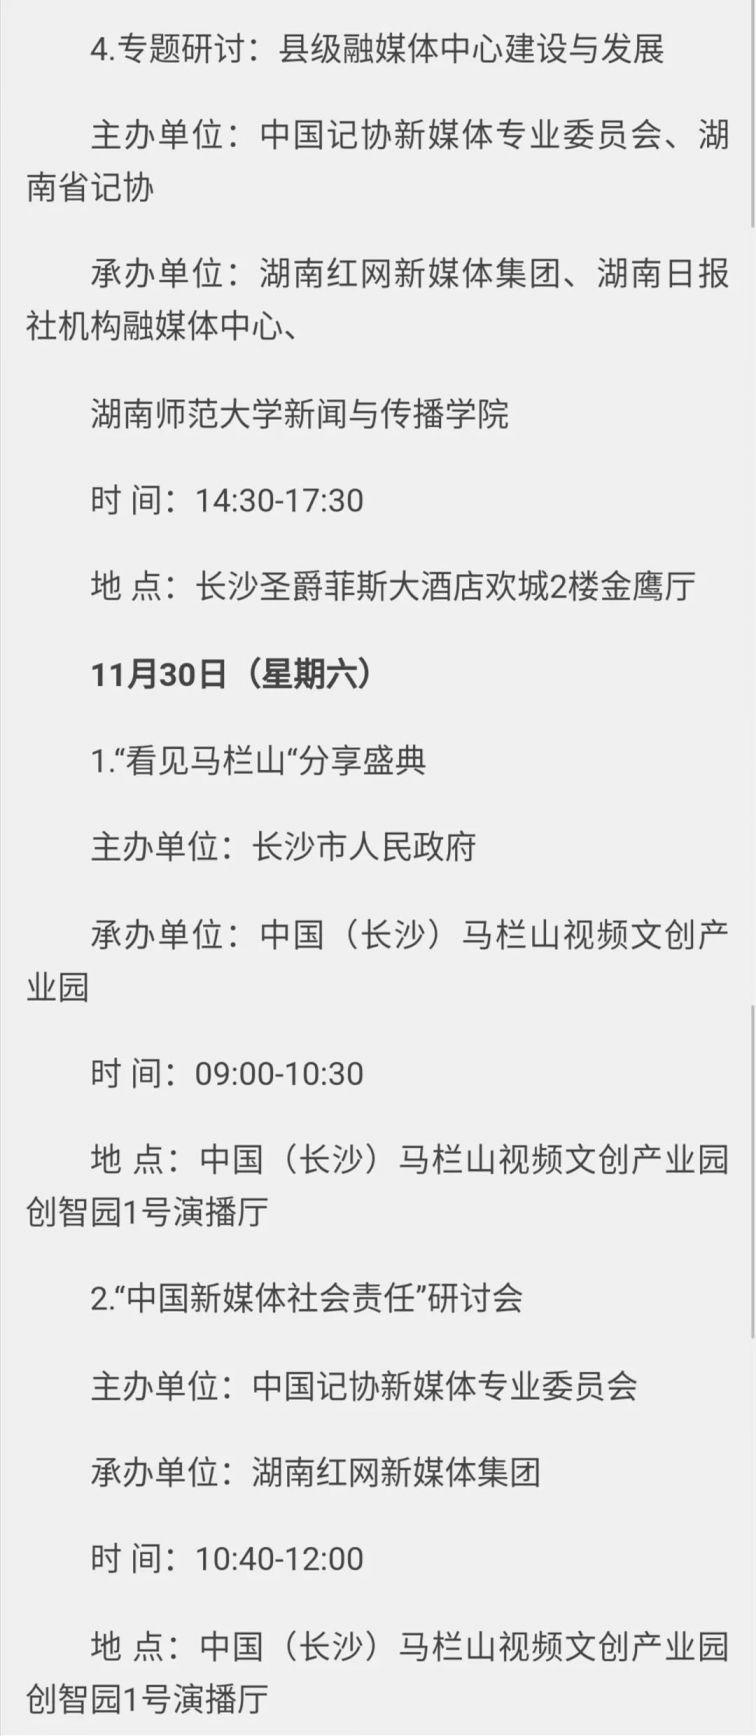 2019年长沙新媒体大会日程安排表